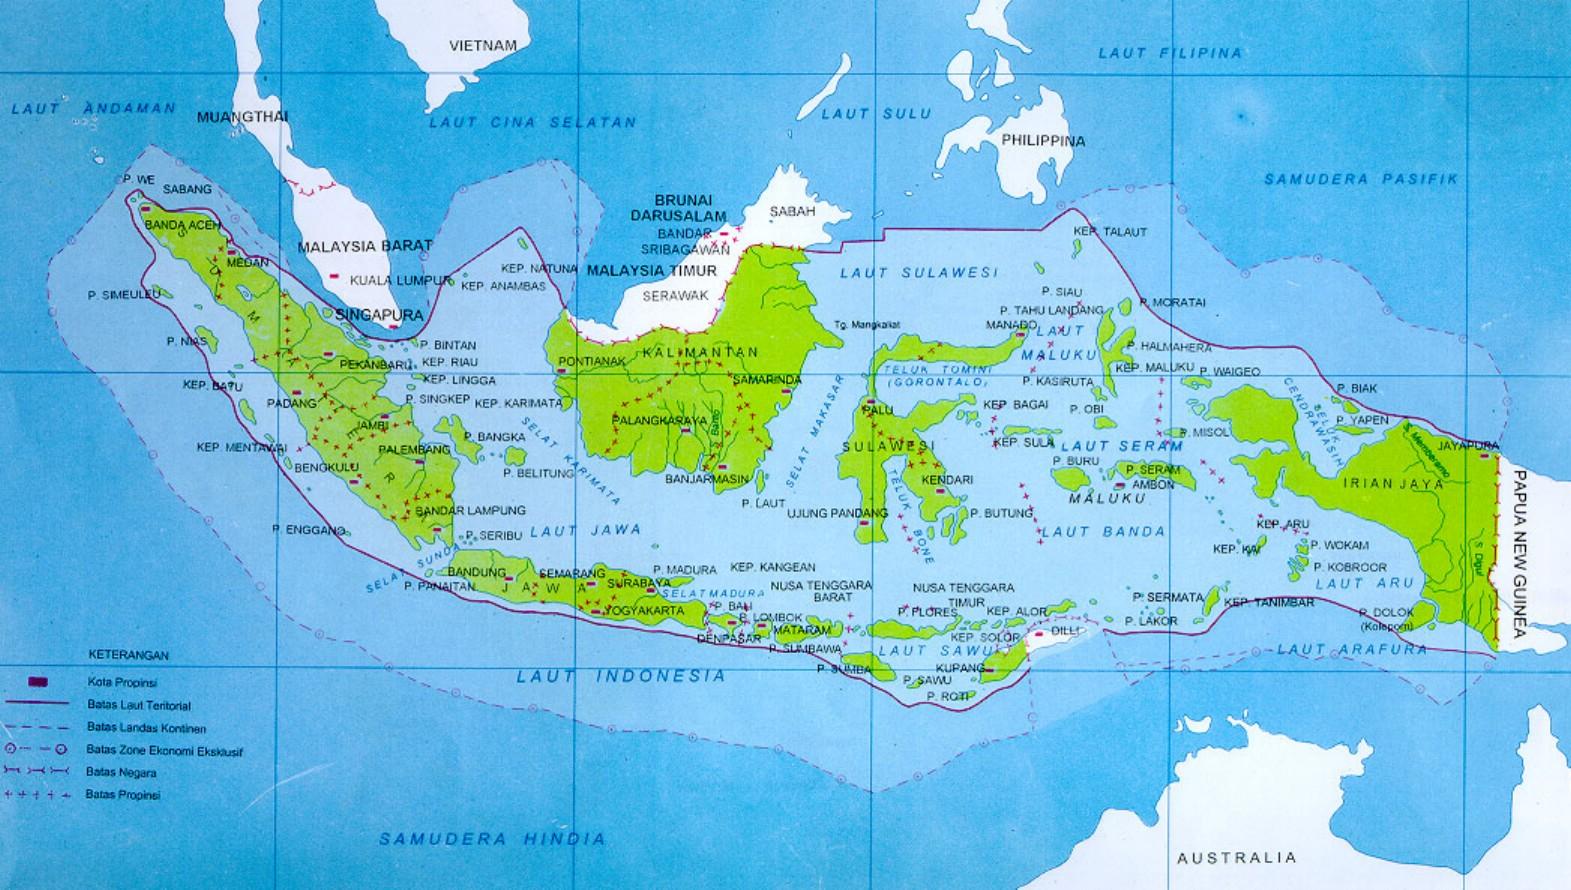 PETA INDONESIA 02